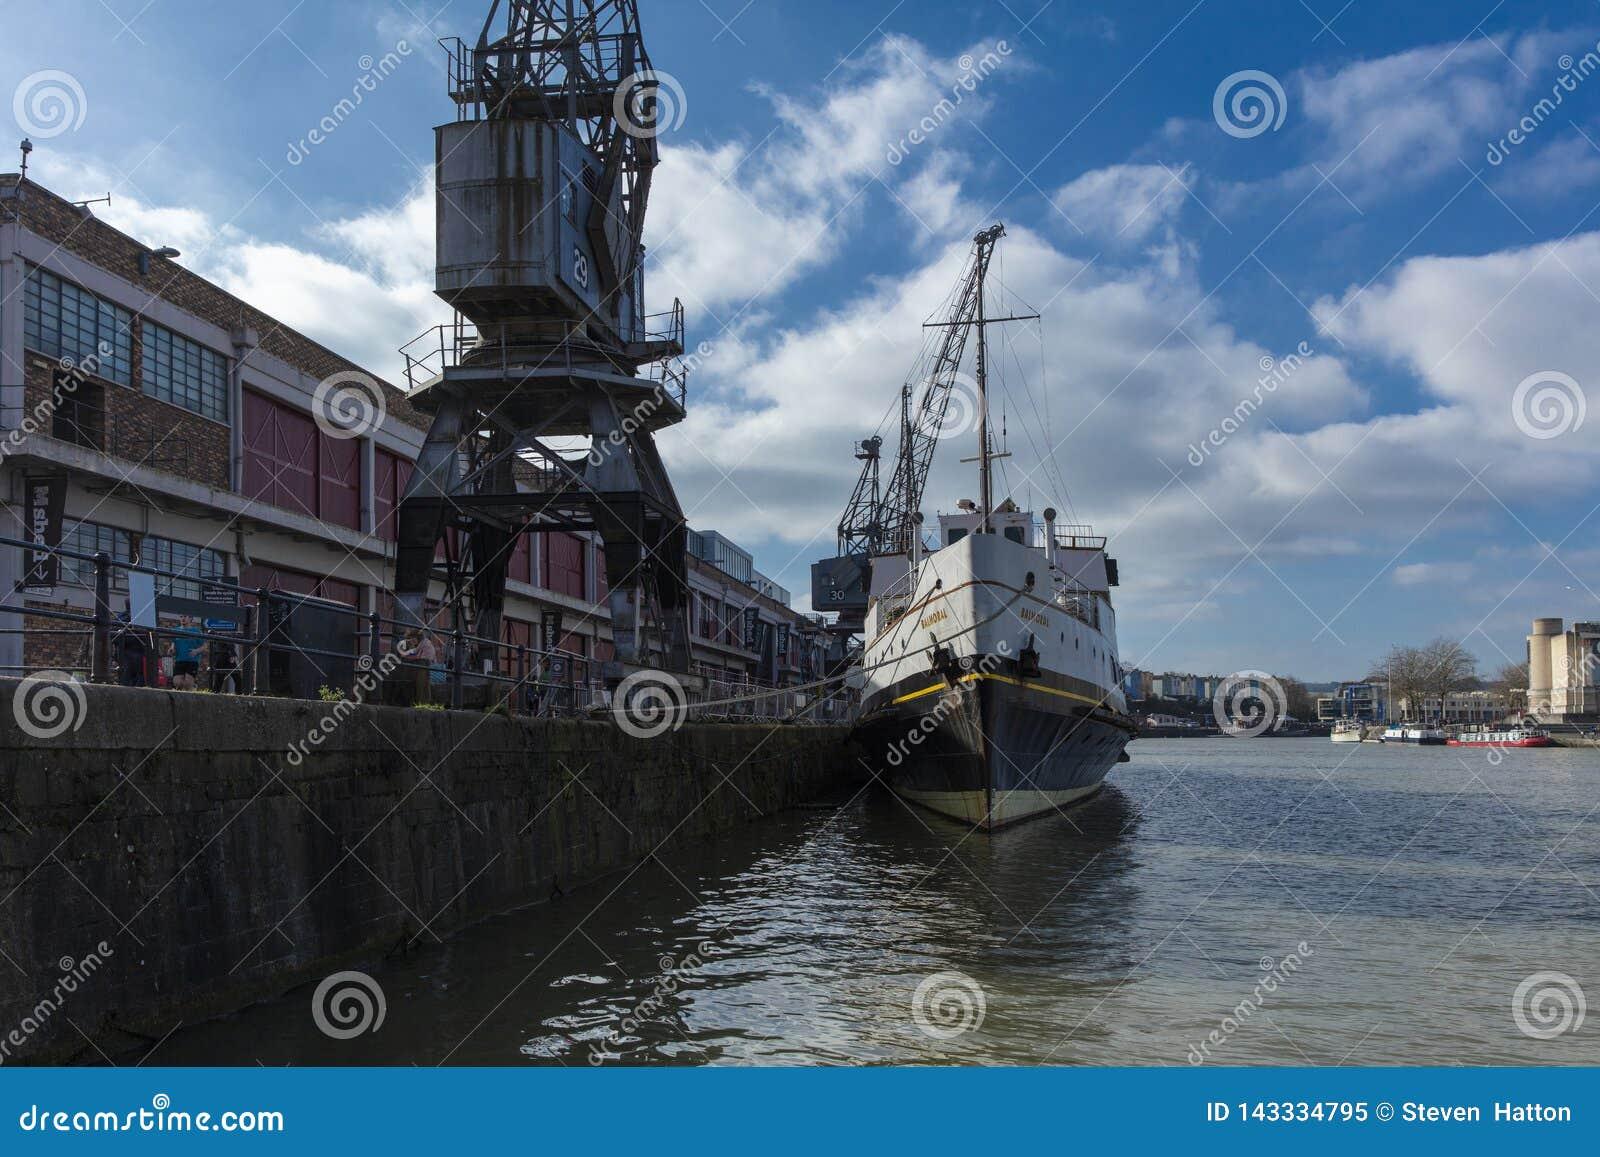 Bristol Förenade kungariket, Februari 23rd 2019, skepp för millivolt Balmoral på M Shed Museum på den Wapping hamnplatsen